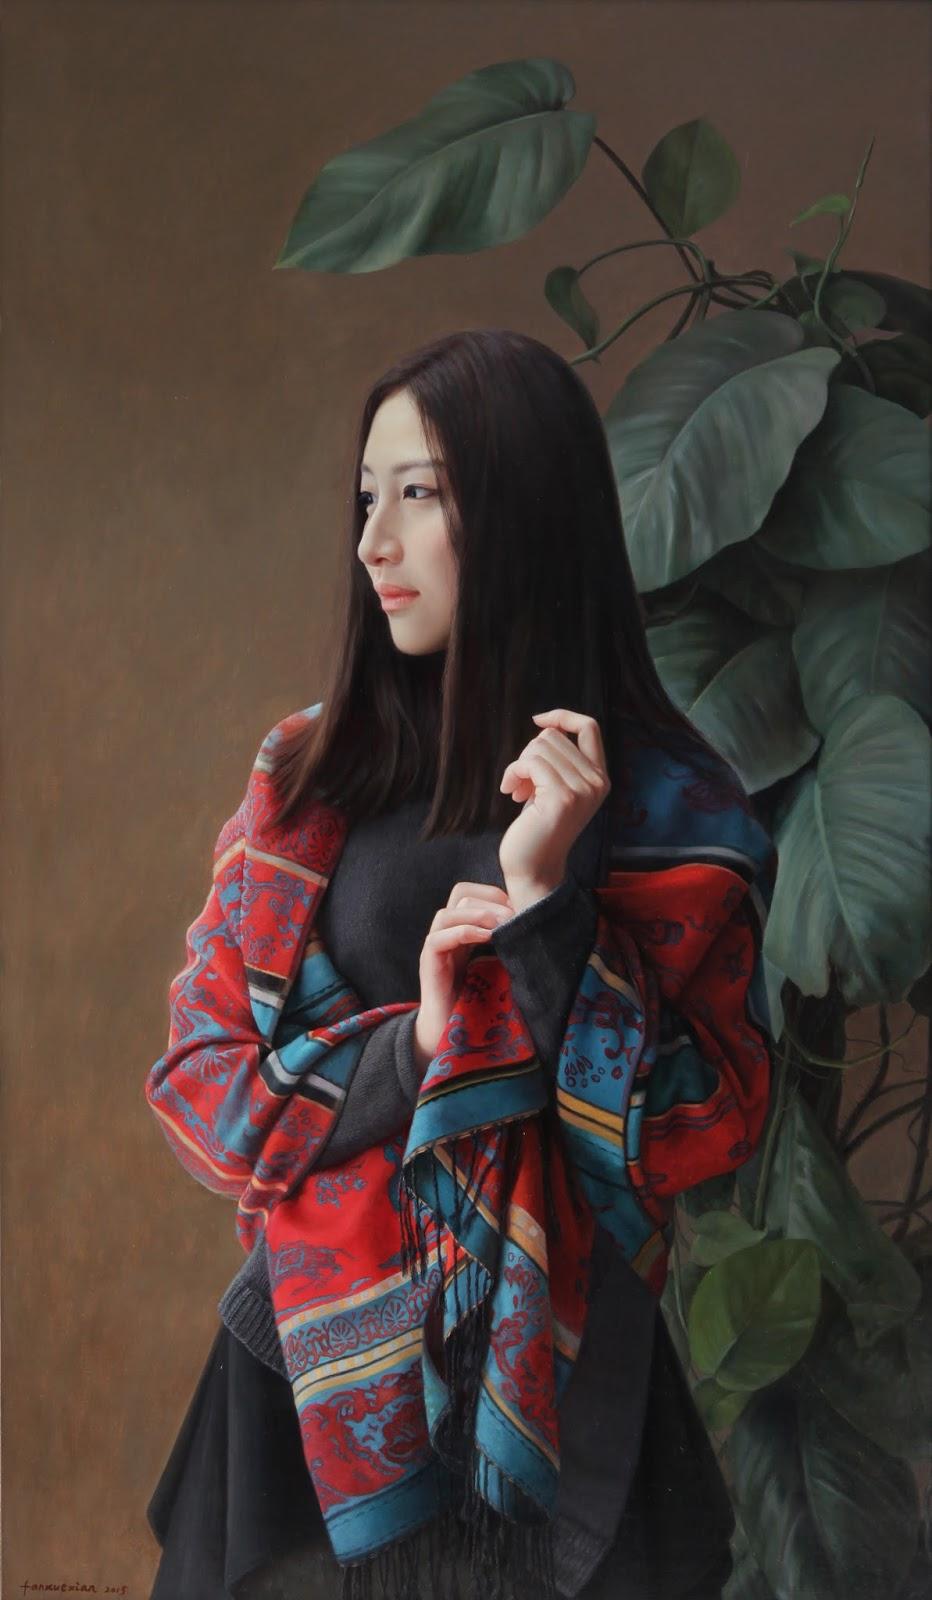 Paintings By 范学贤(Fanxue Xian)...